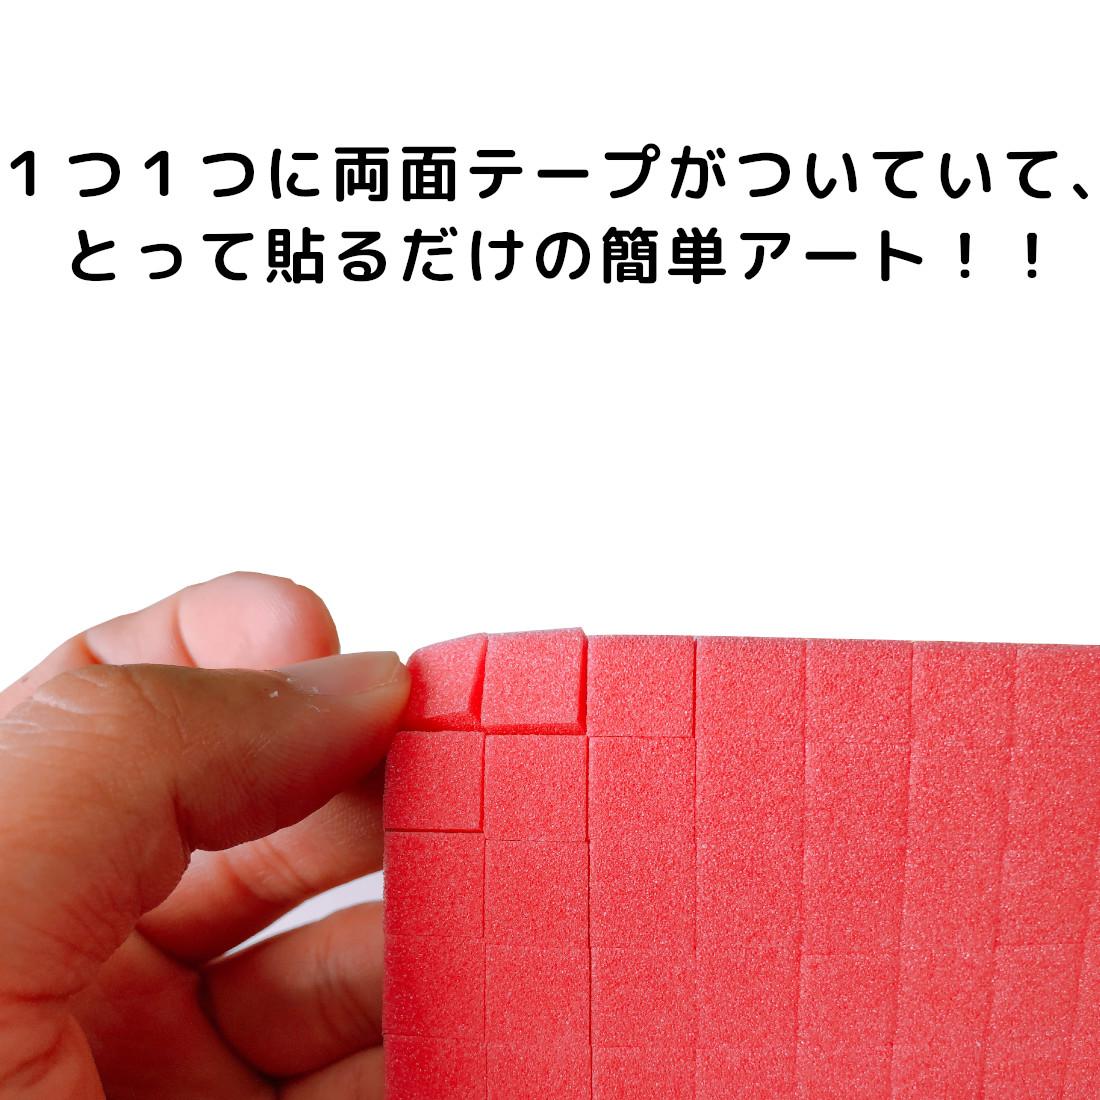 dot-sub1.jpg